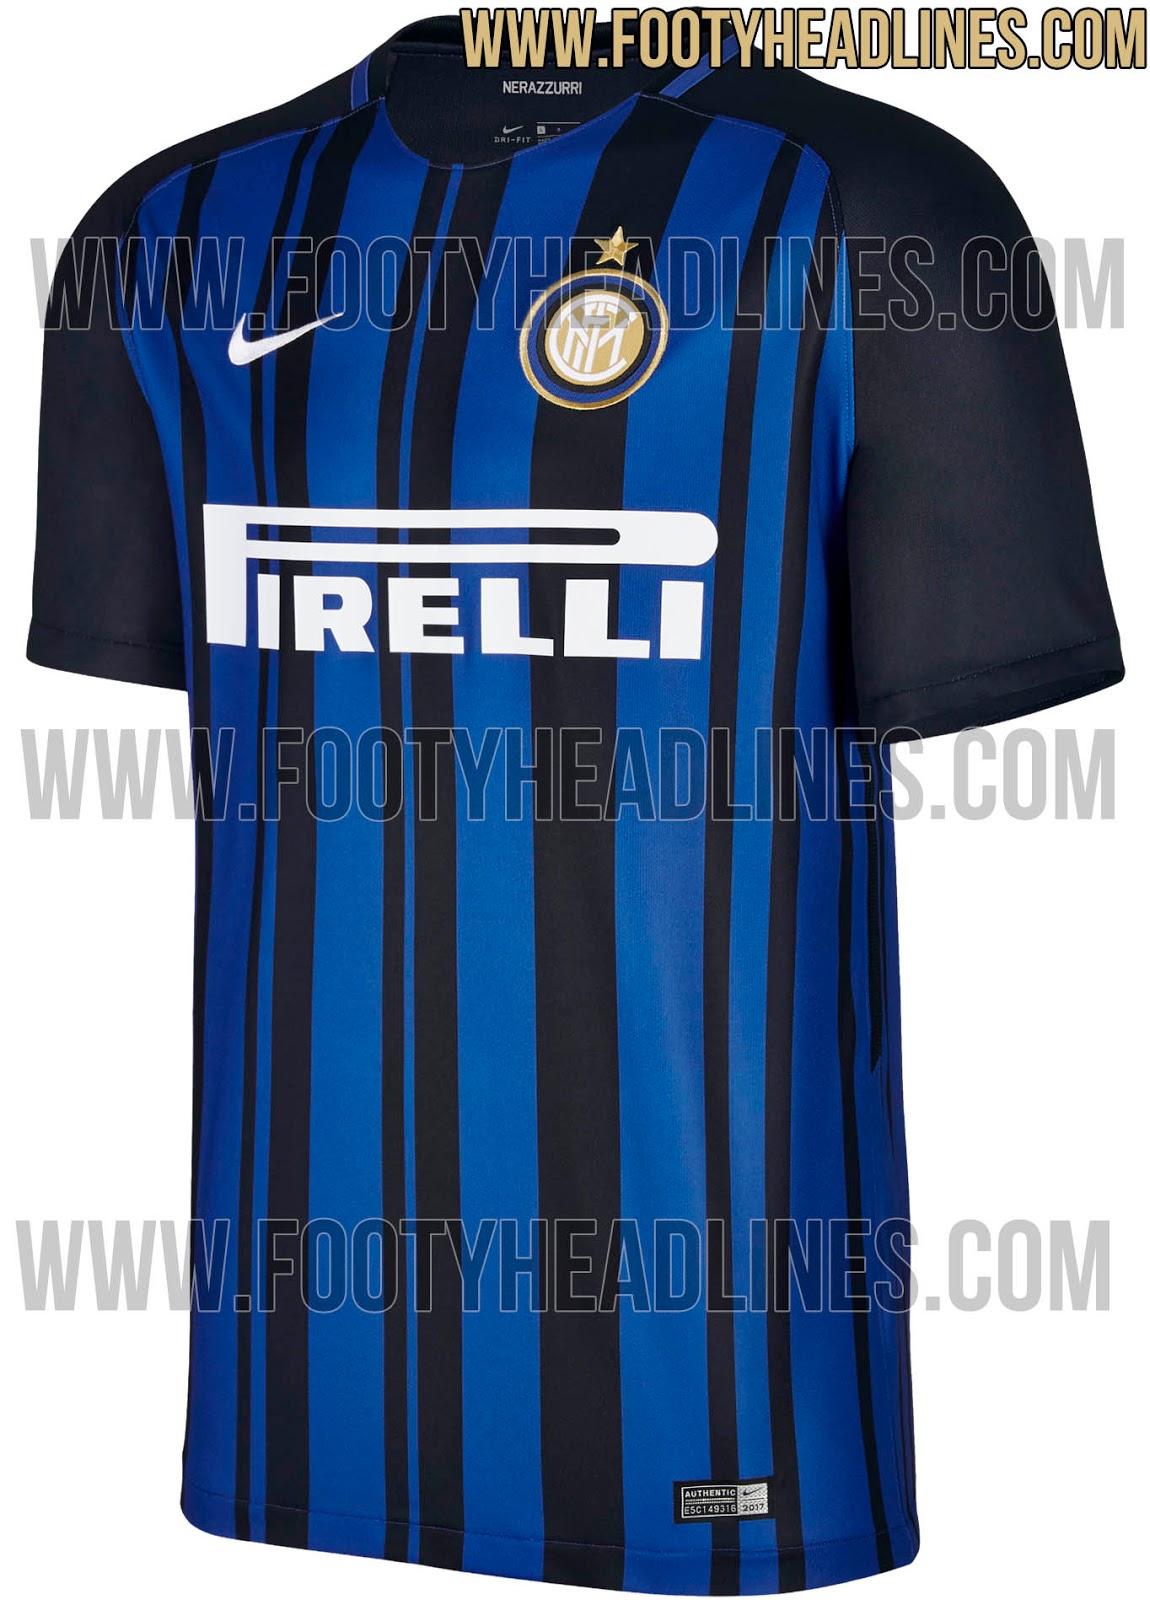 5965608df5 A torcida da Internazionale de Milão já conhece a camisa que o time vestirá  na temporada 2017 2018. No entanto